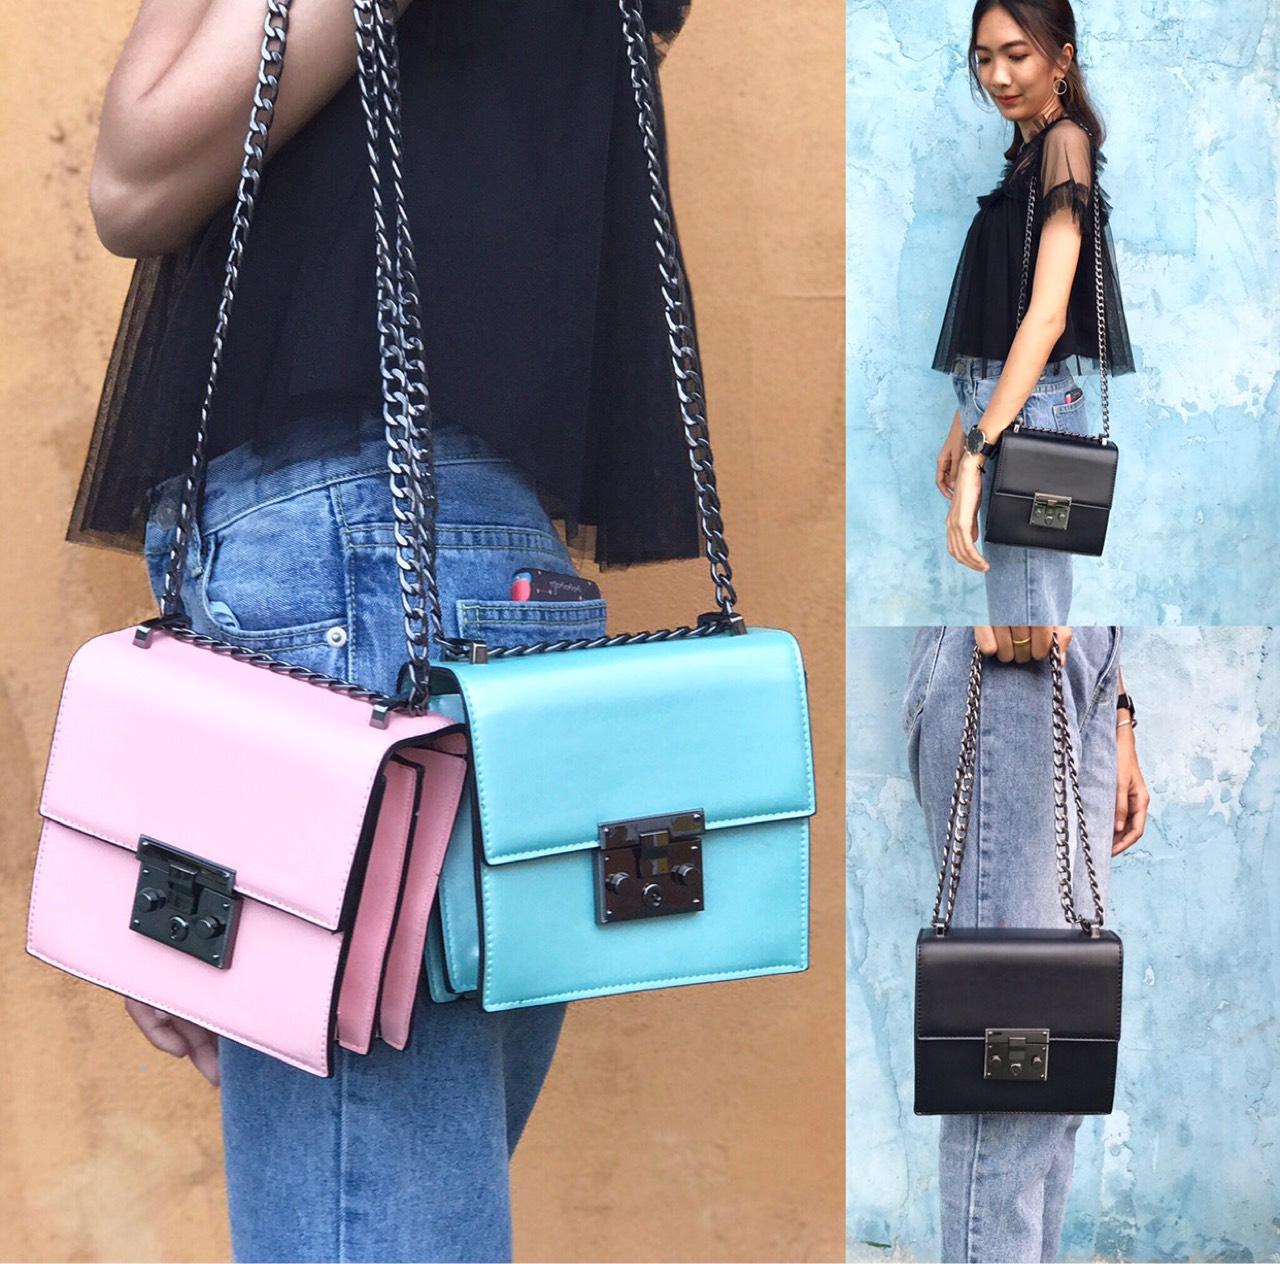 Eachanother,กระเป๋า,กระเป๋าสะพาย,กระเป๋าผู้หญิง